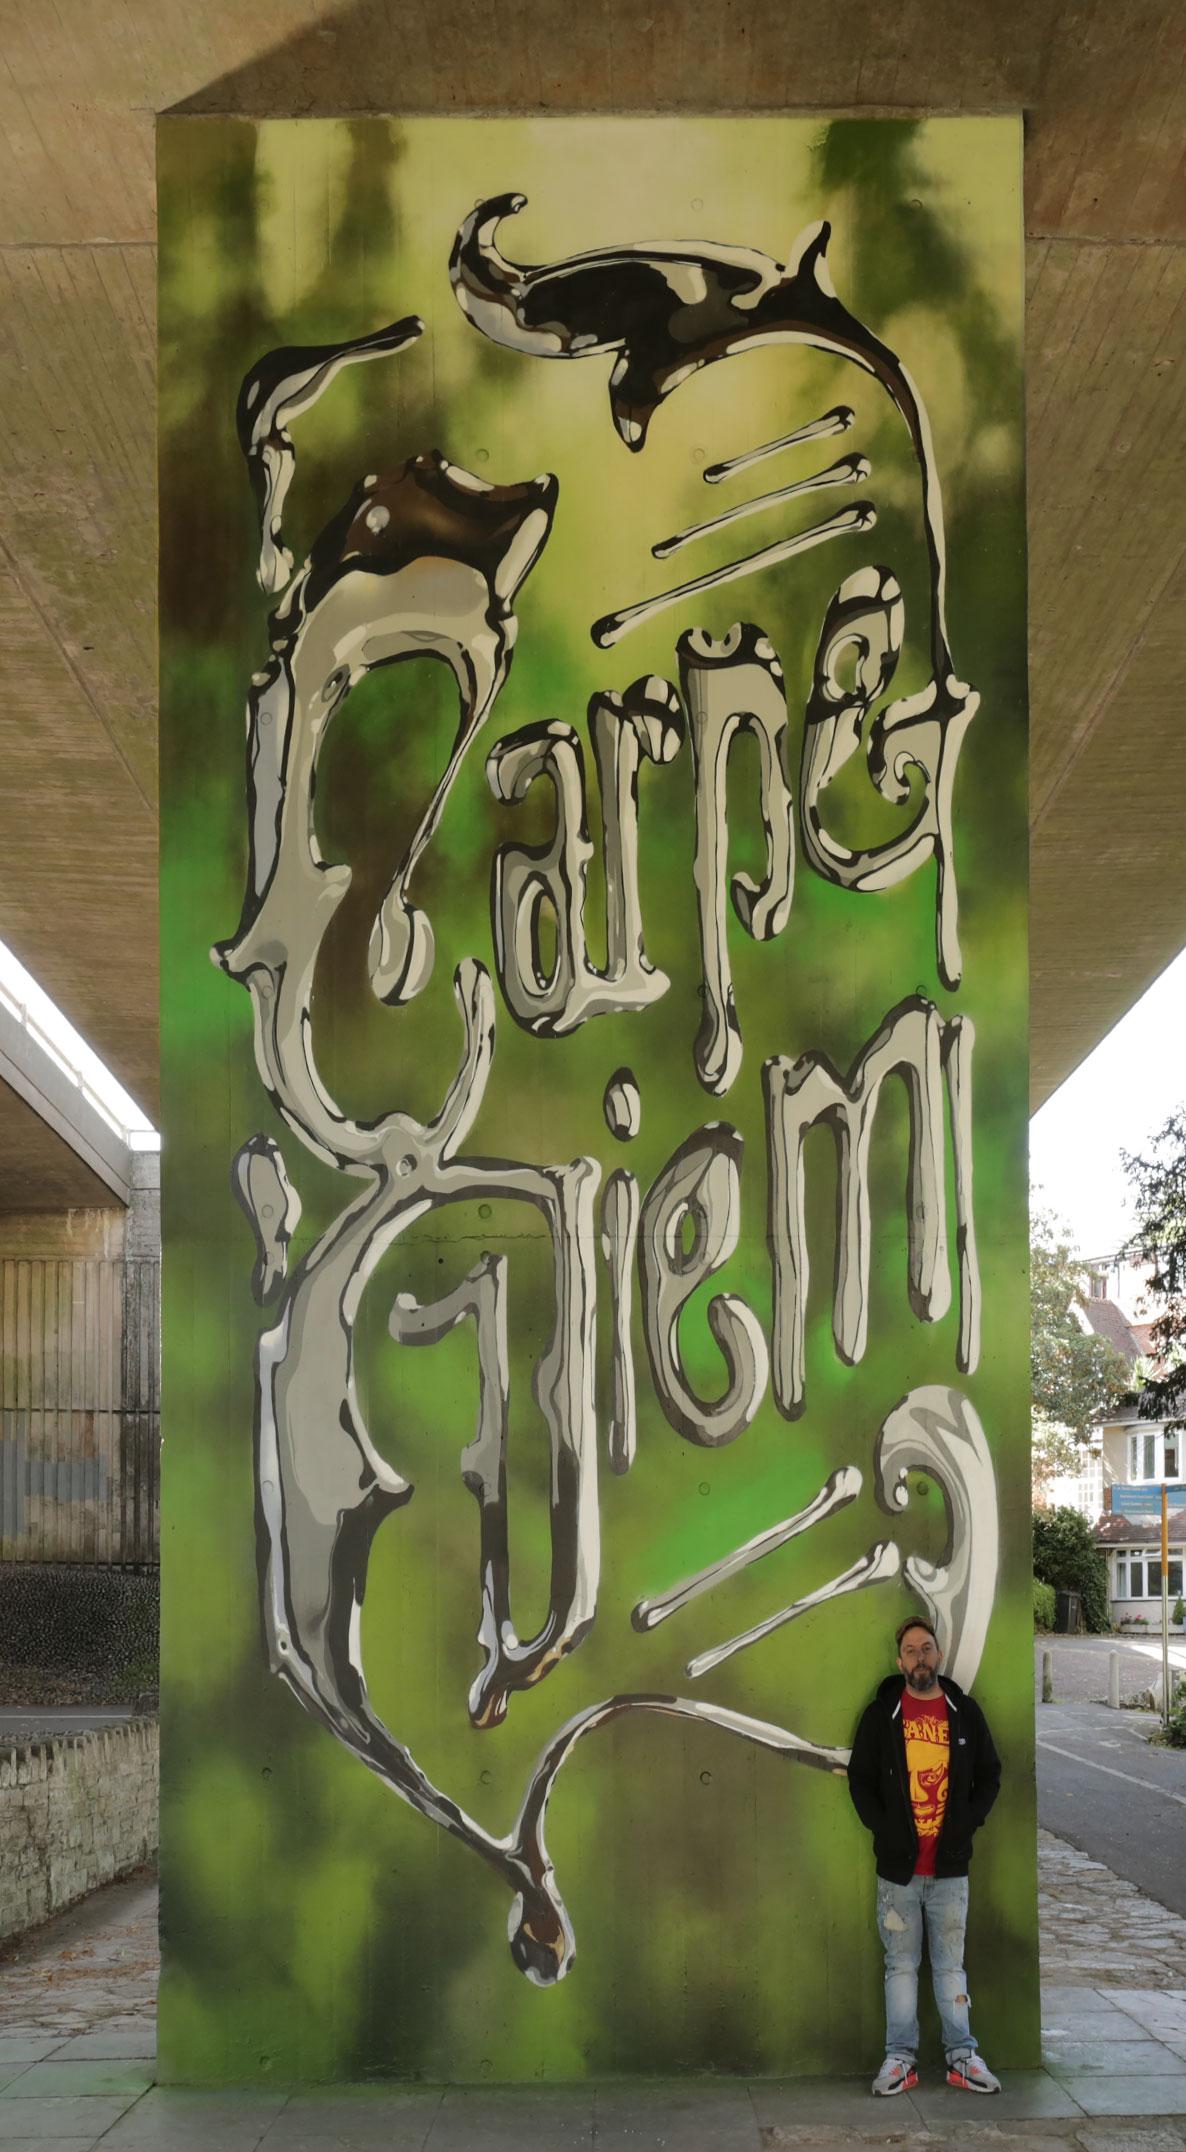 Dave Bonzai mural Upside Gallery